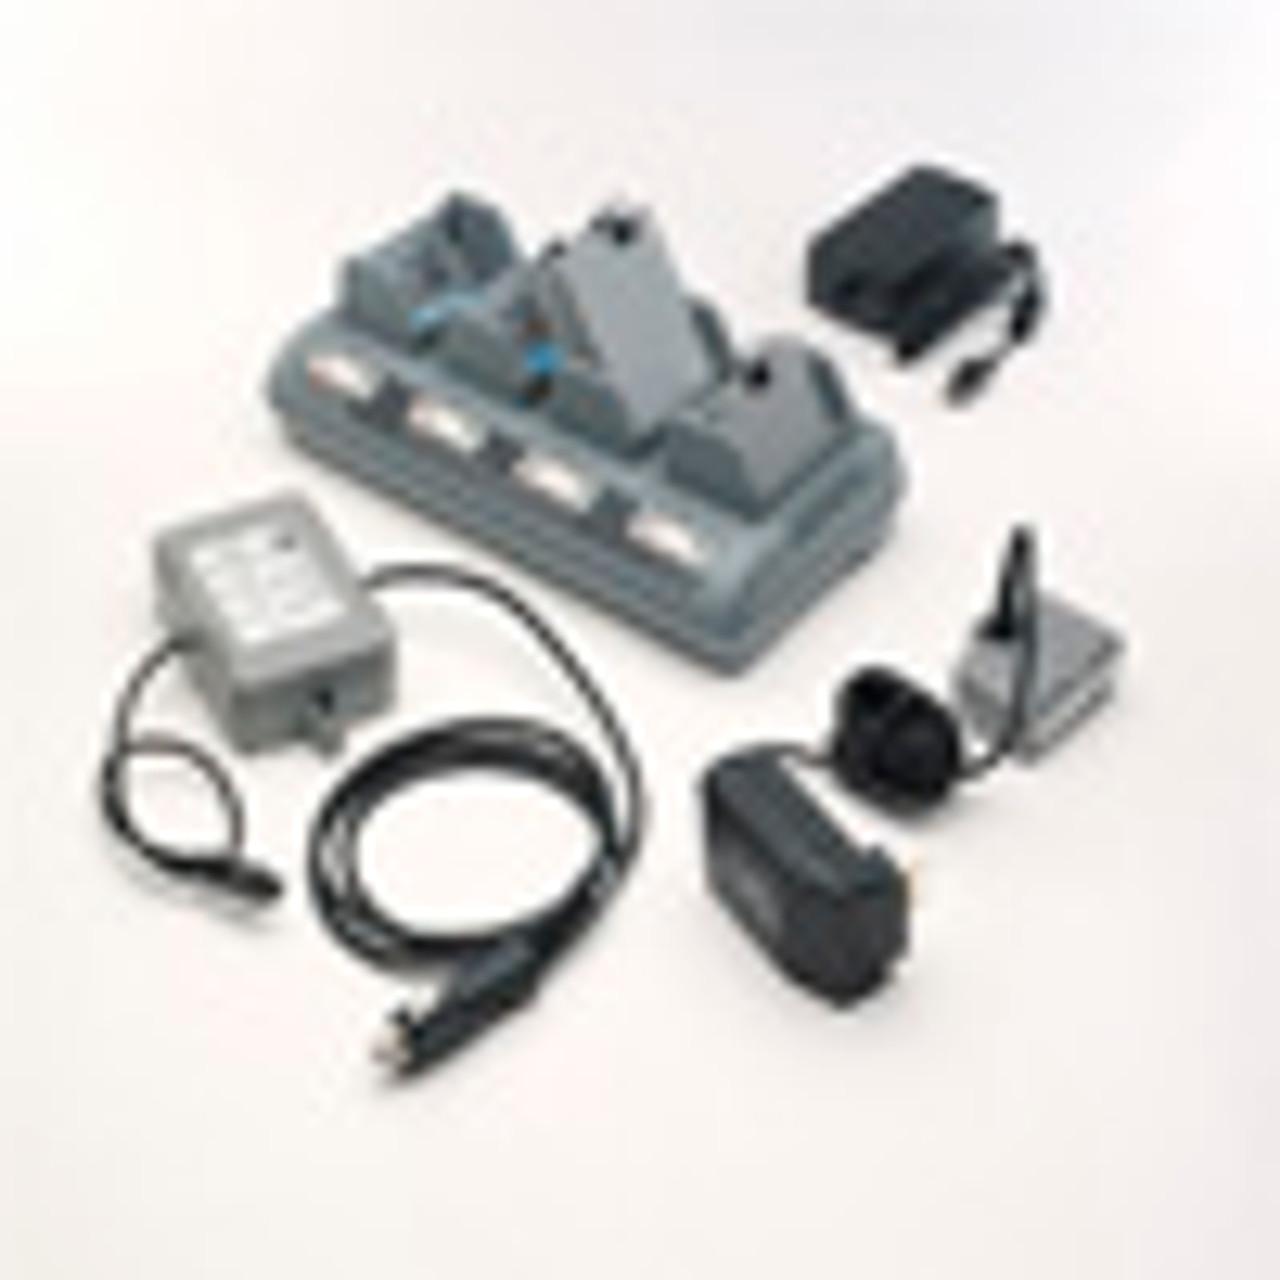 ZM600 Accessories